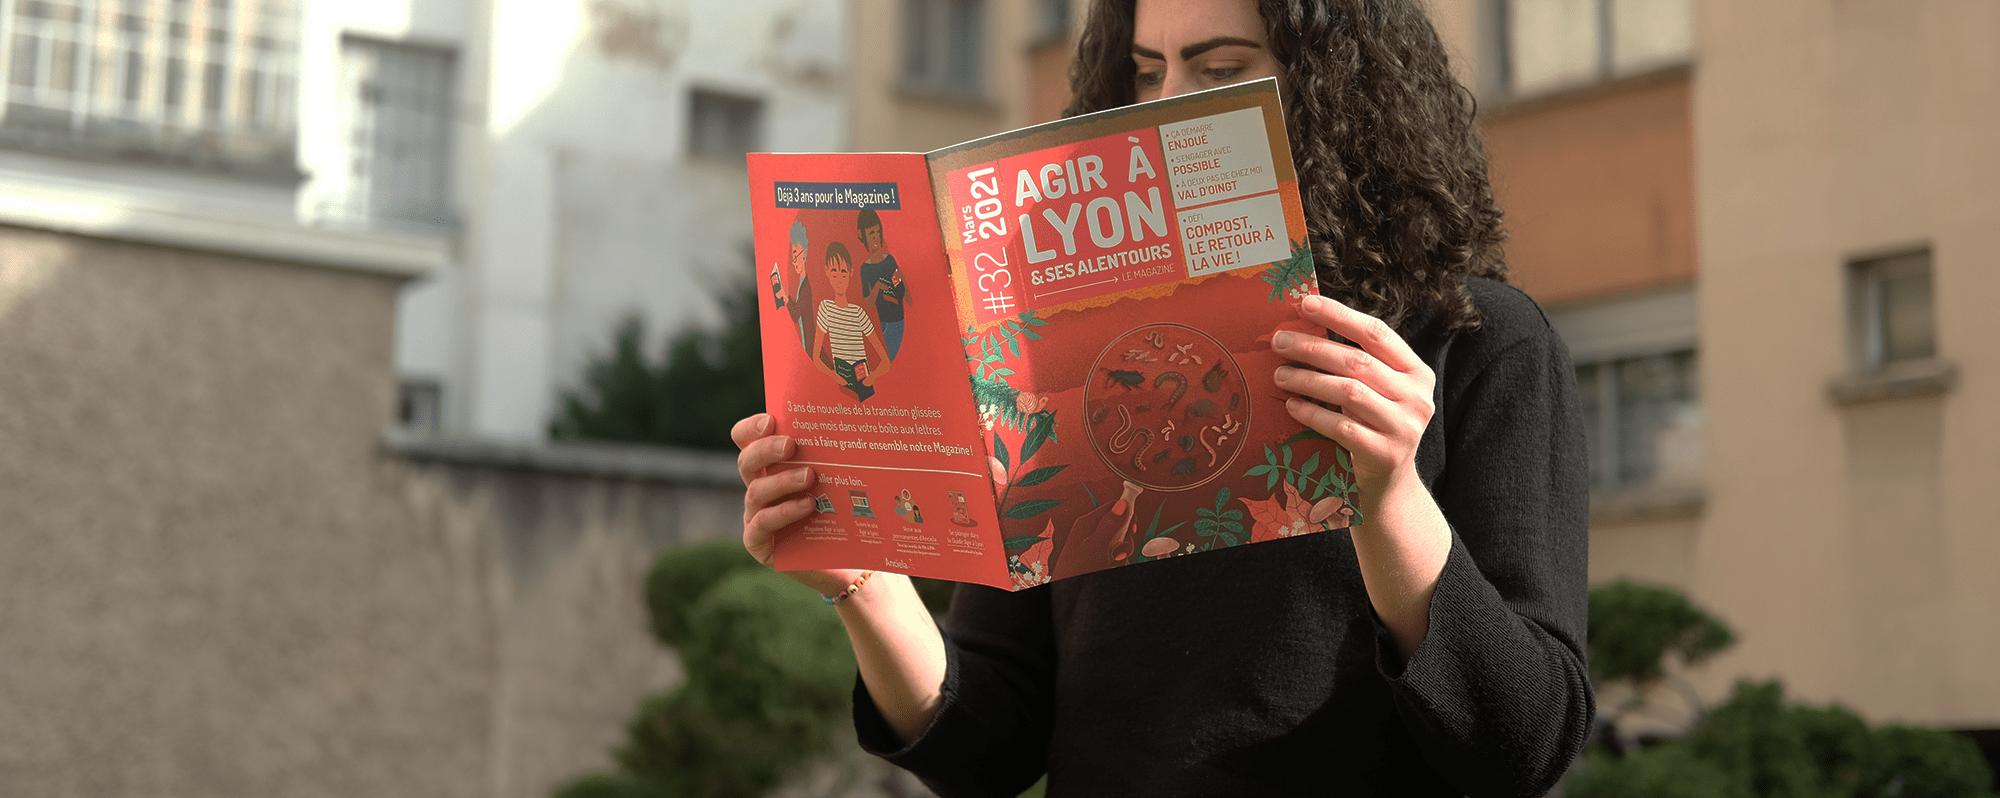 Le magazine Agir à Lyon fête ses 3 ans, continuons de le faire grandir ensemble !